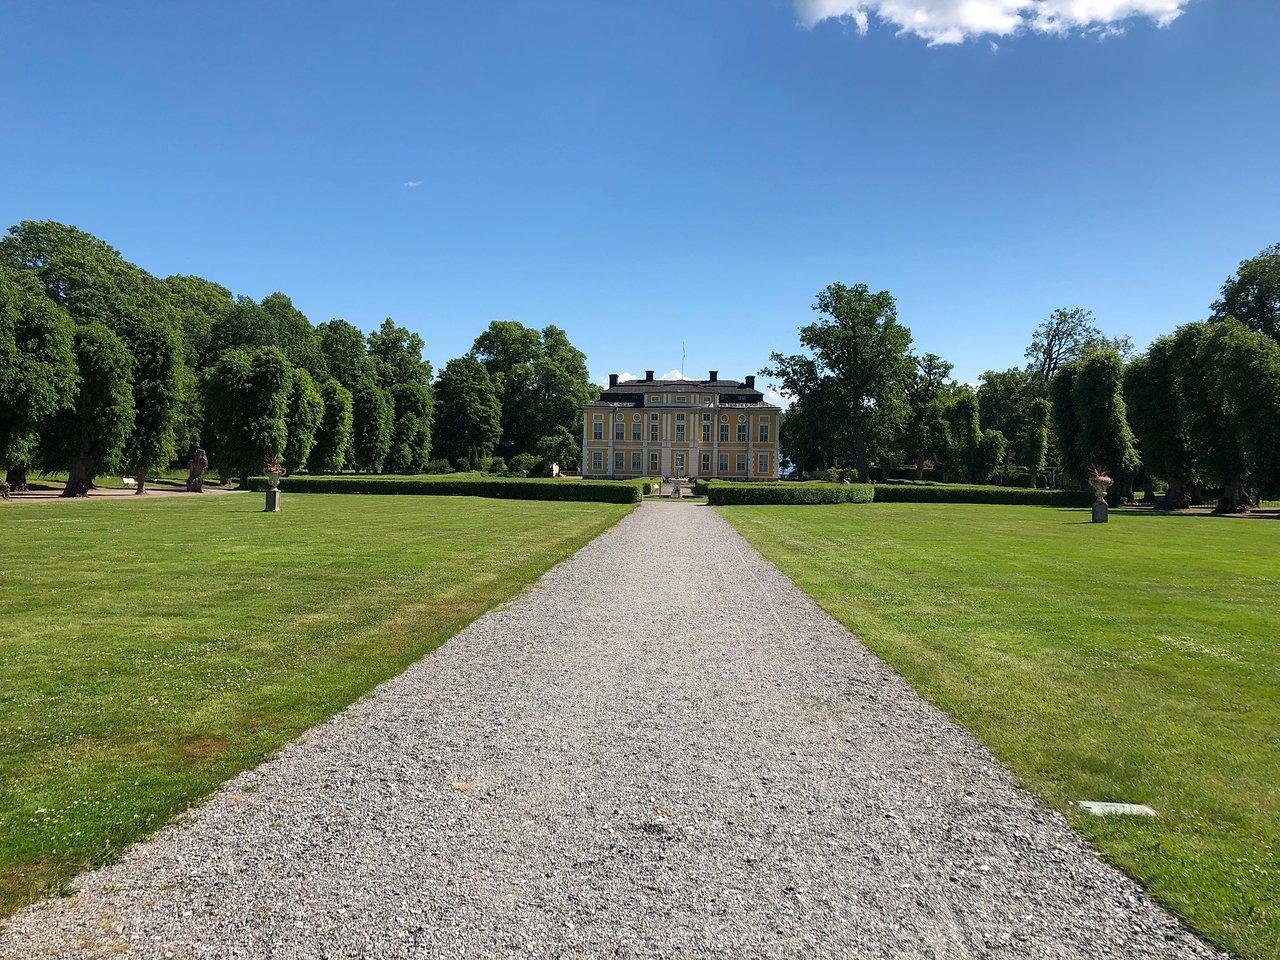 Steninge Slott Marsta Sverige Omdomen Tripadvisor